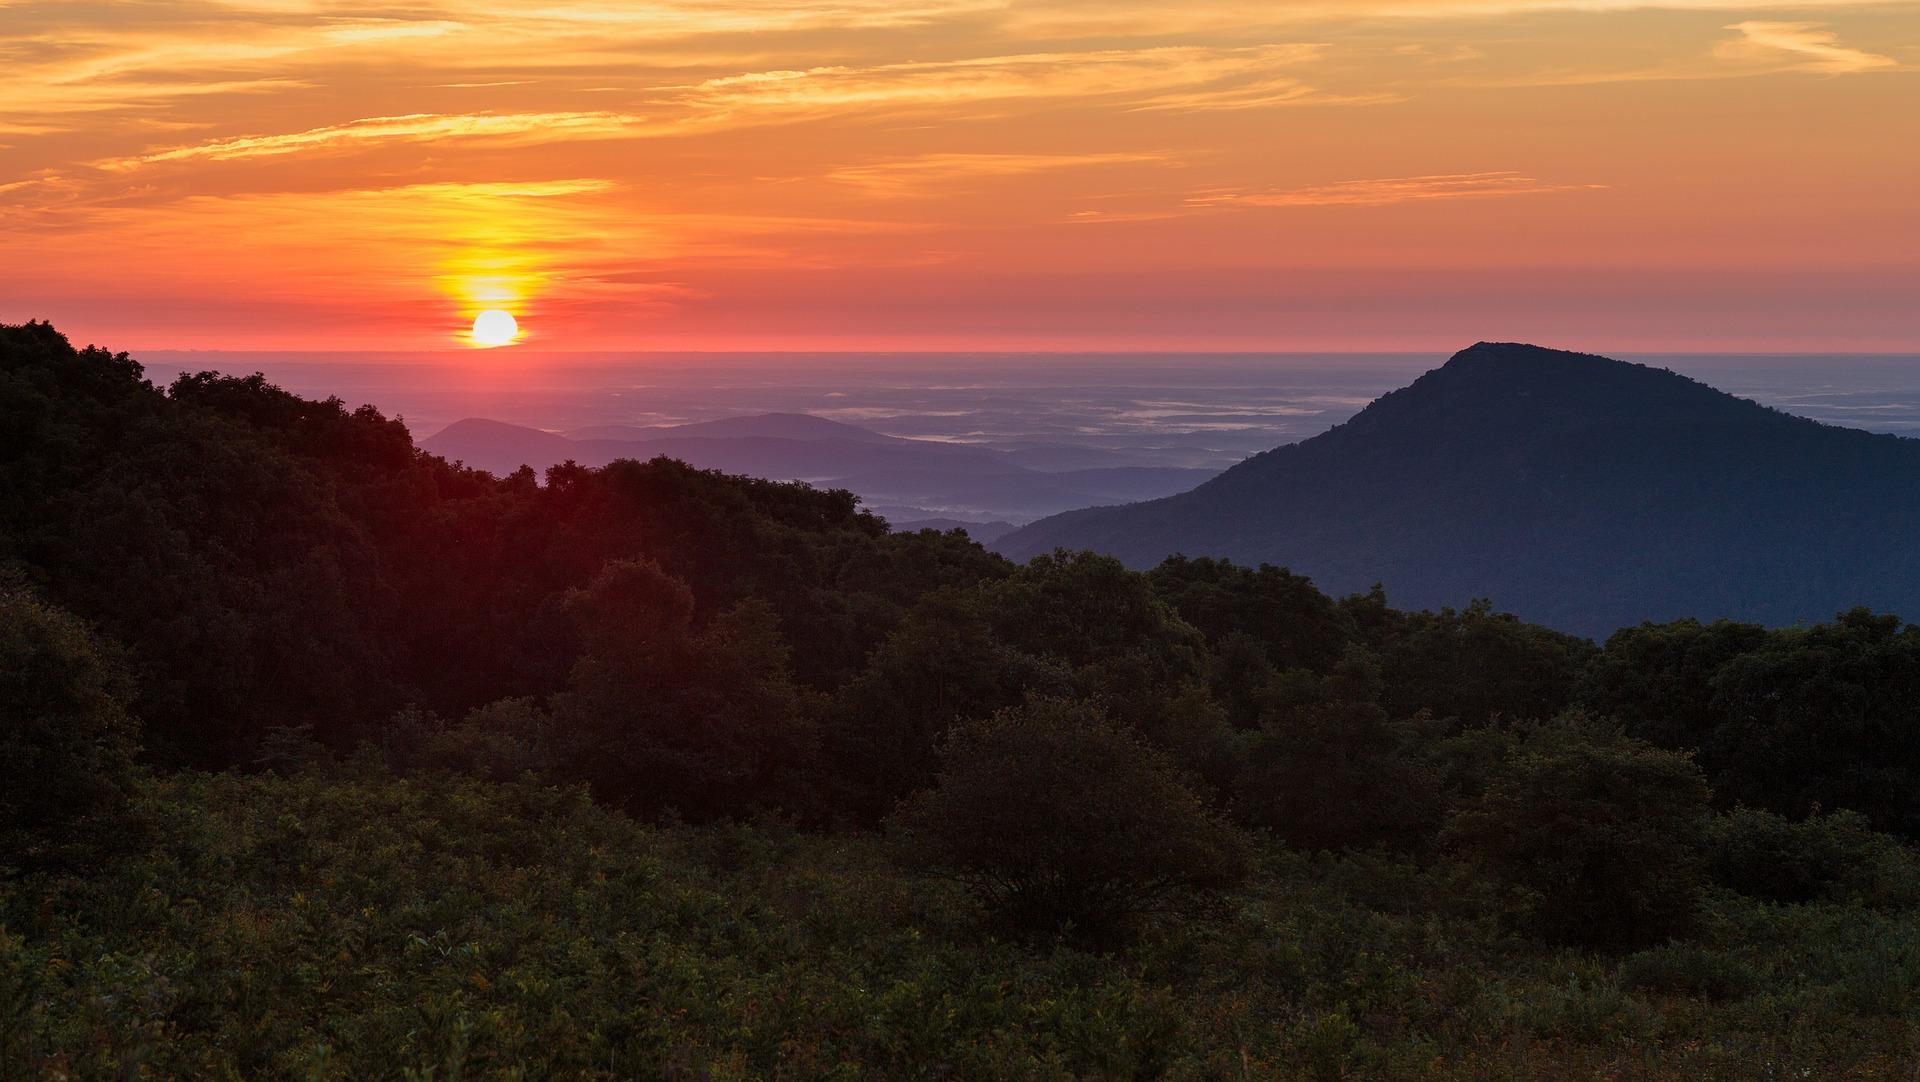 sunrise-2617251_1920